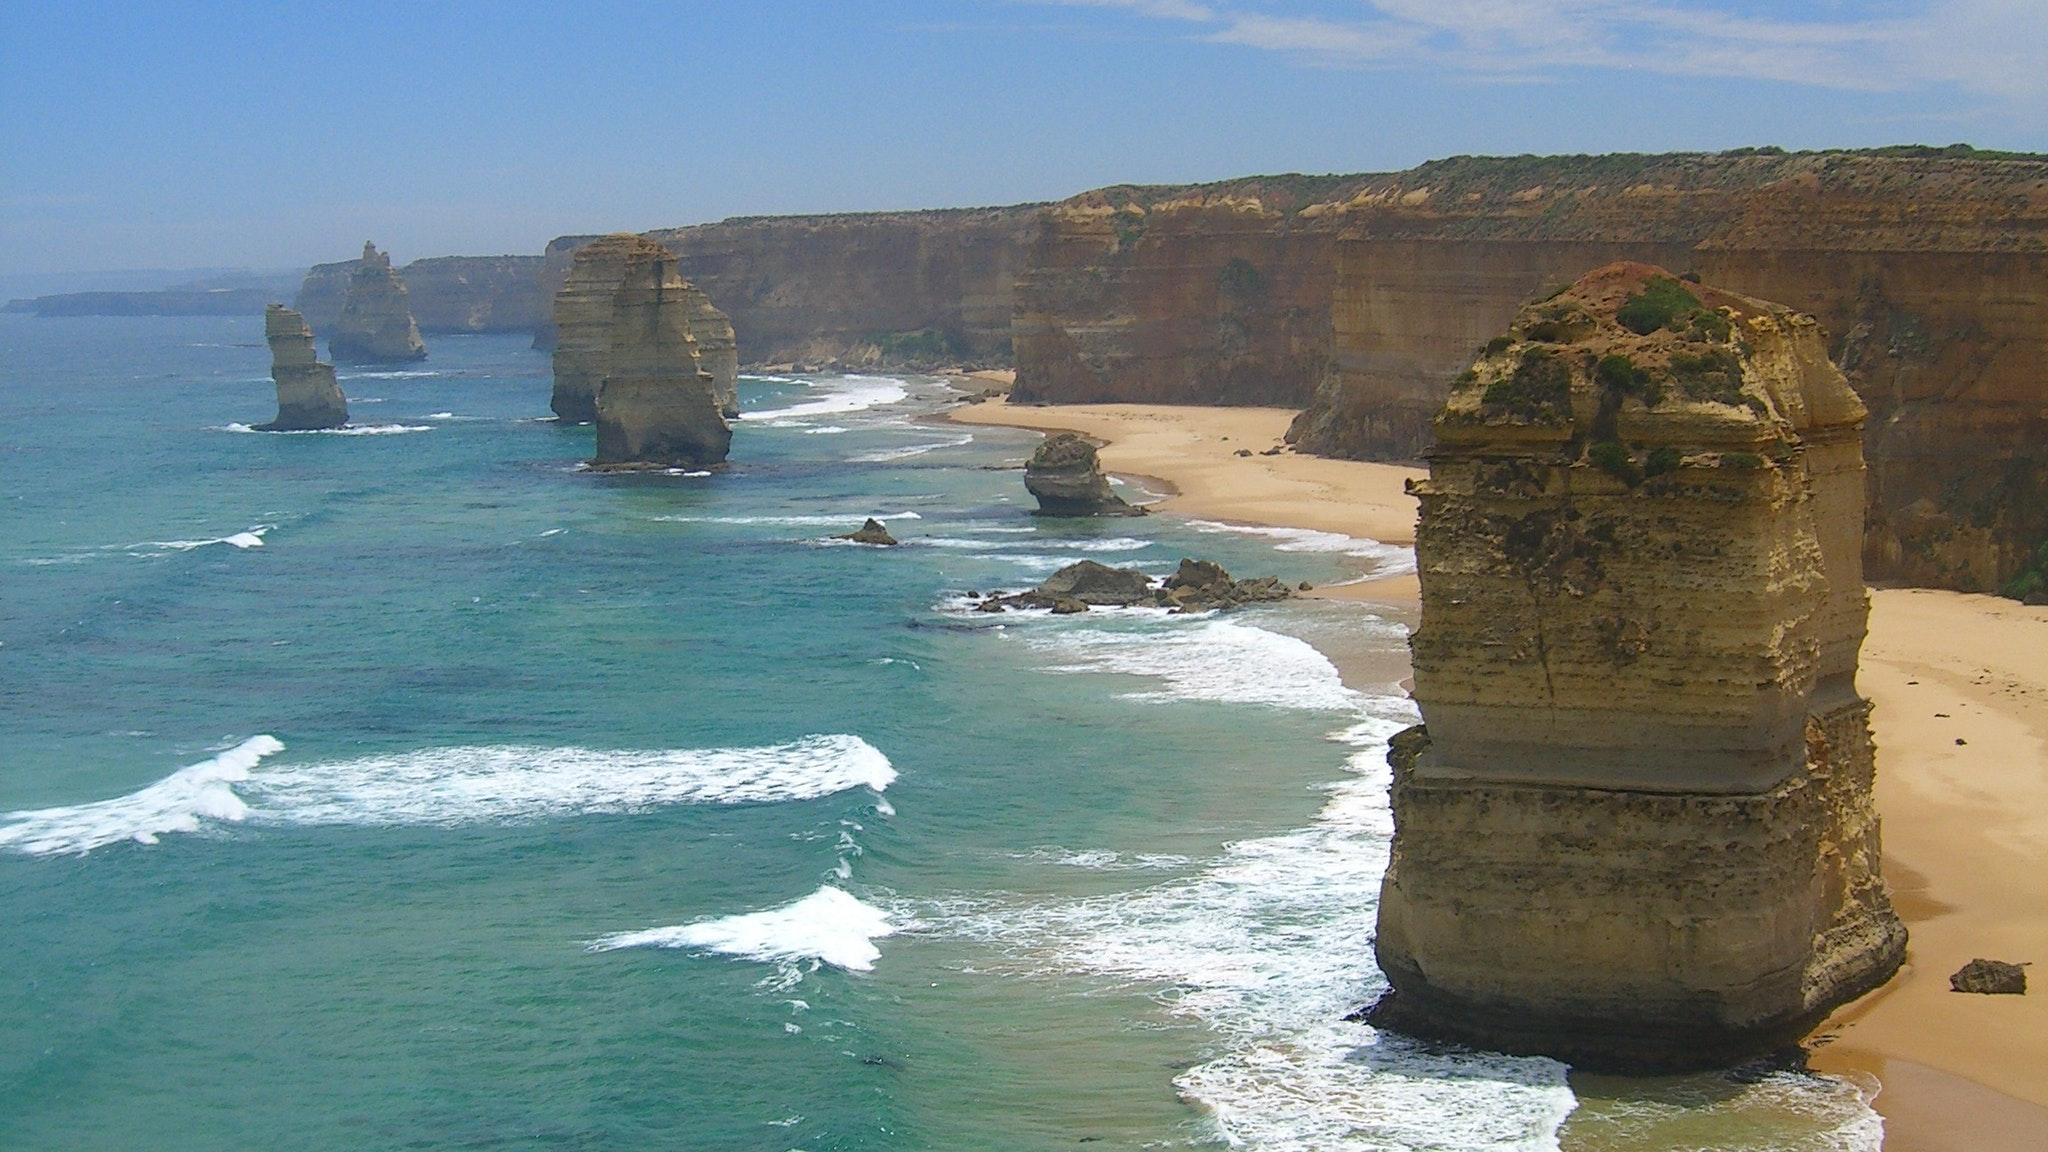 12 Apostles - Great Ocean Road